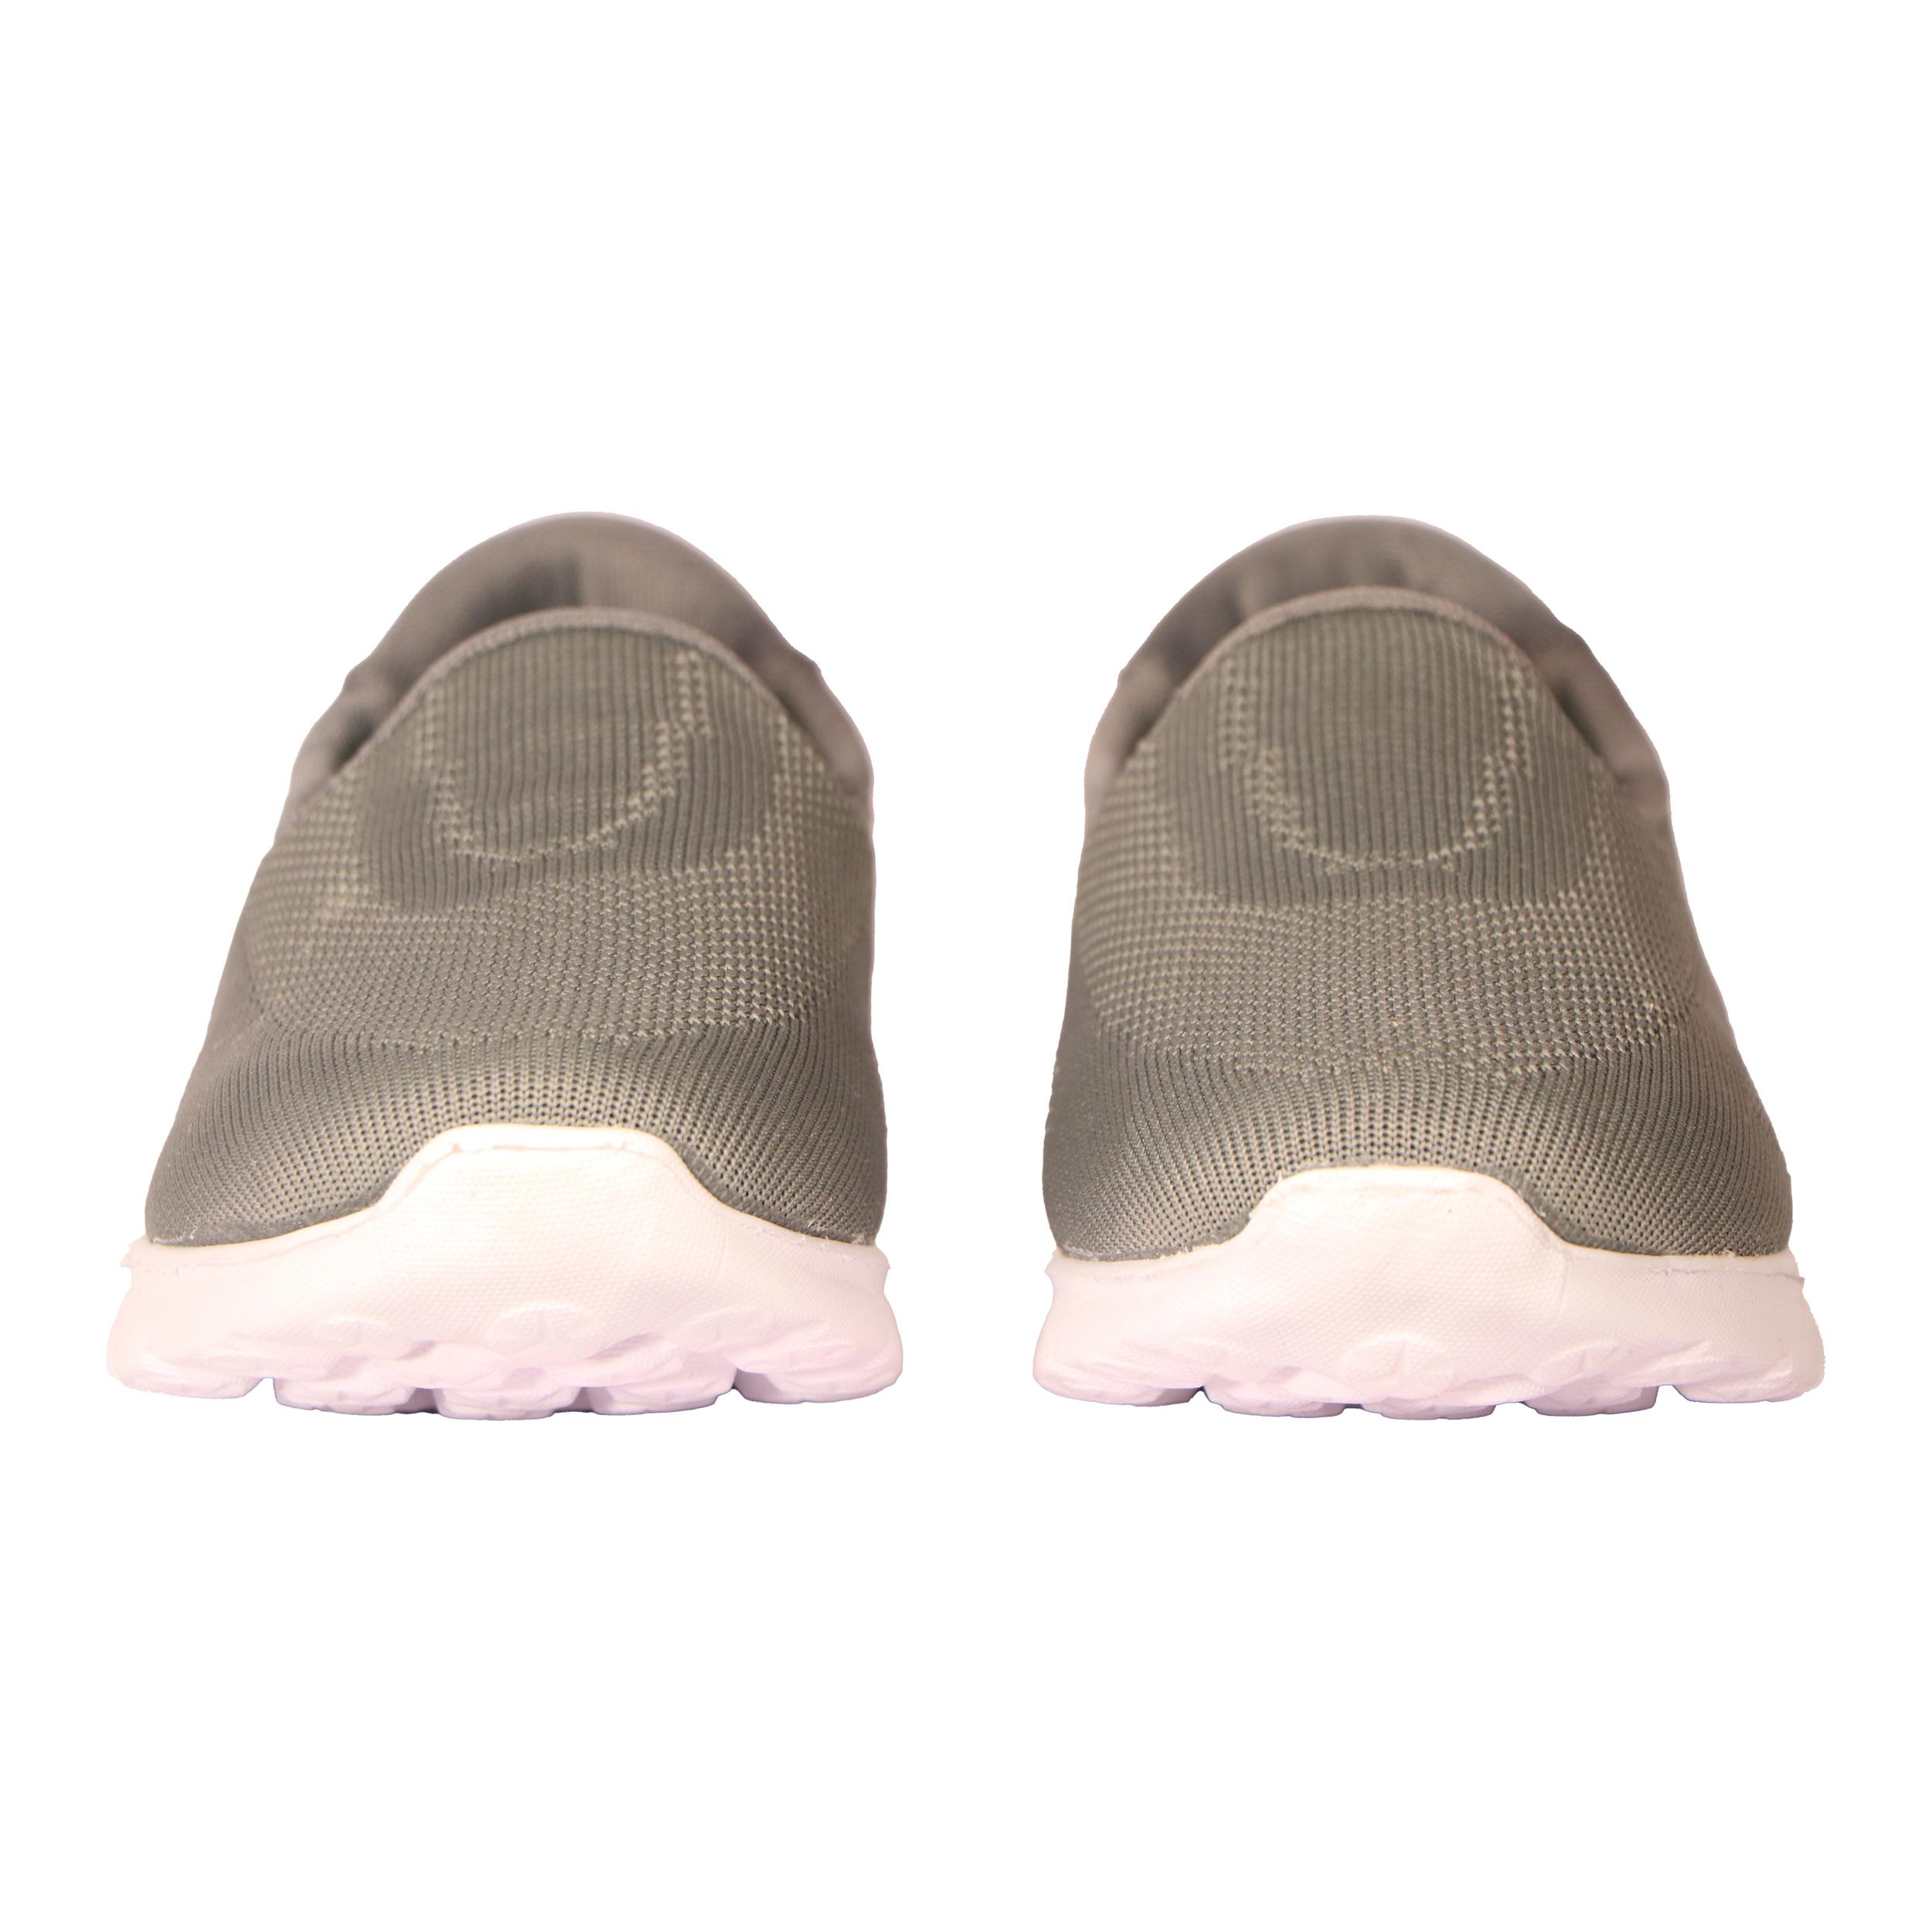 خرید و قیمت                                      کفش پیاده روی کد ١٧